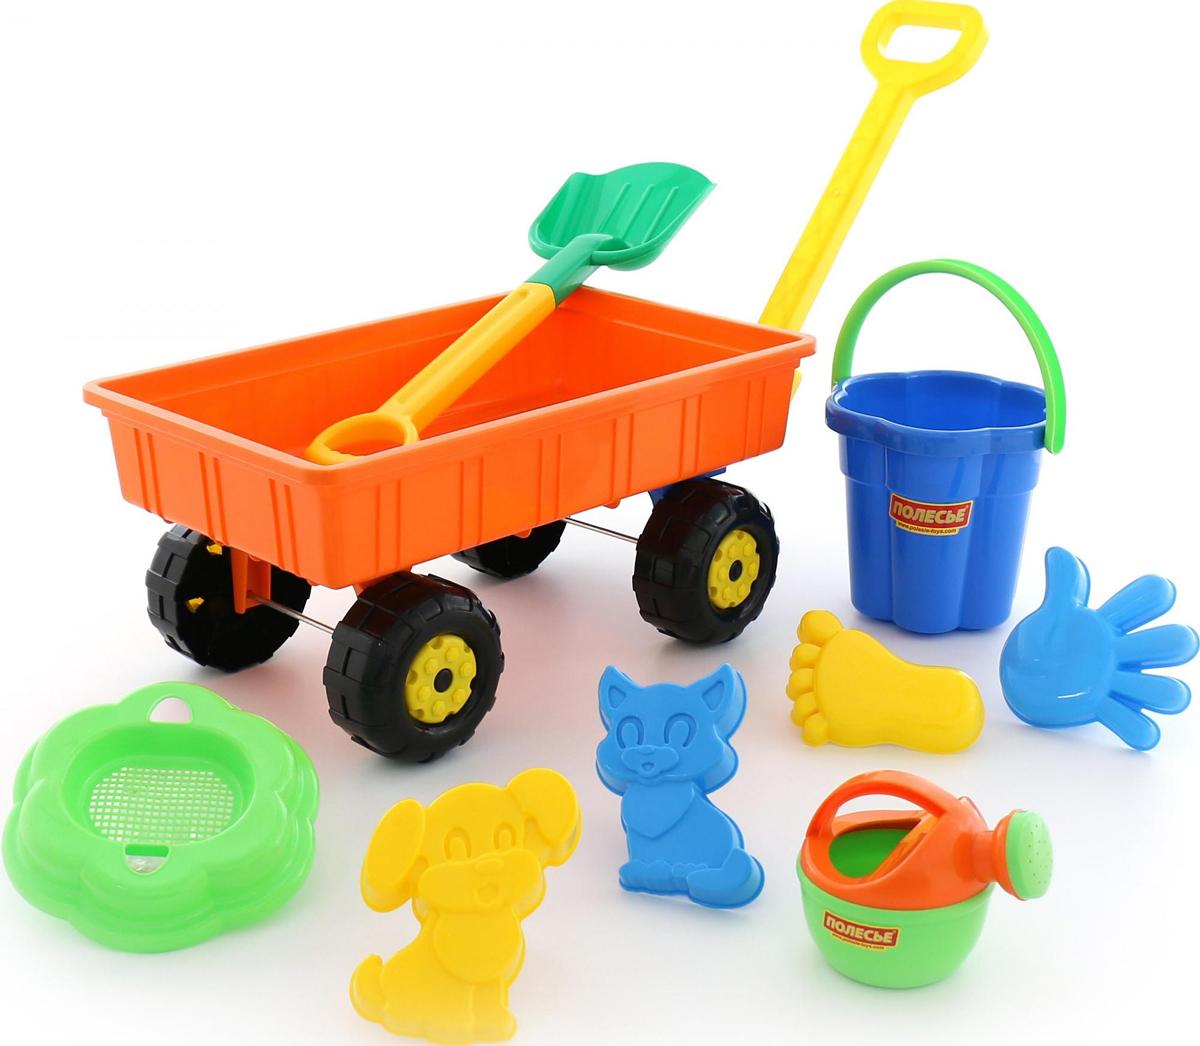 Полесье Набор игрушек для песочницы №382 полесье набор игрушек для песочницы 73